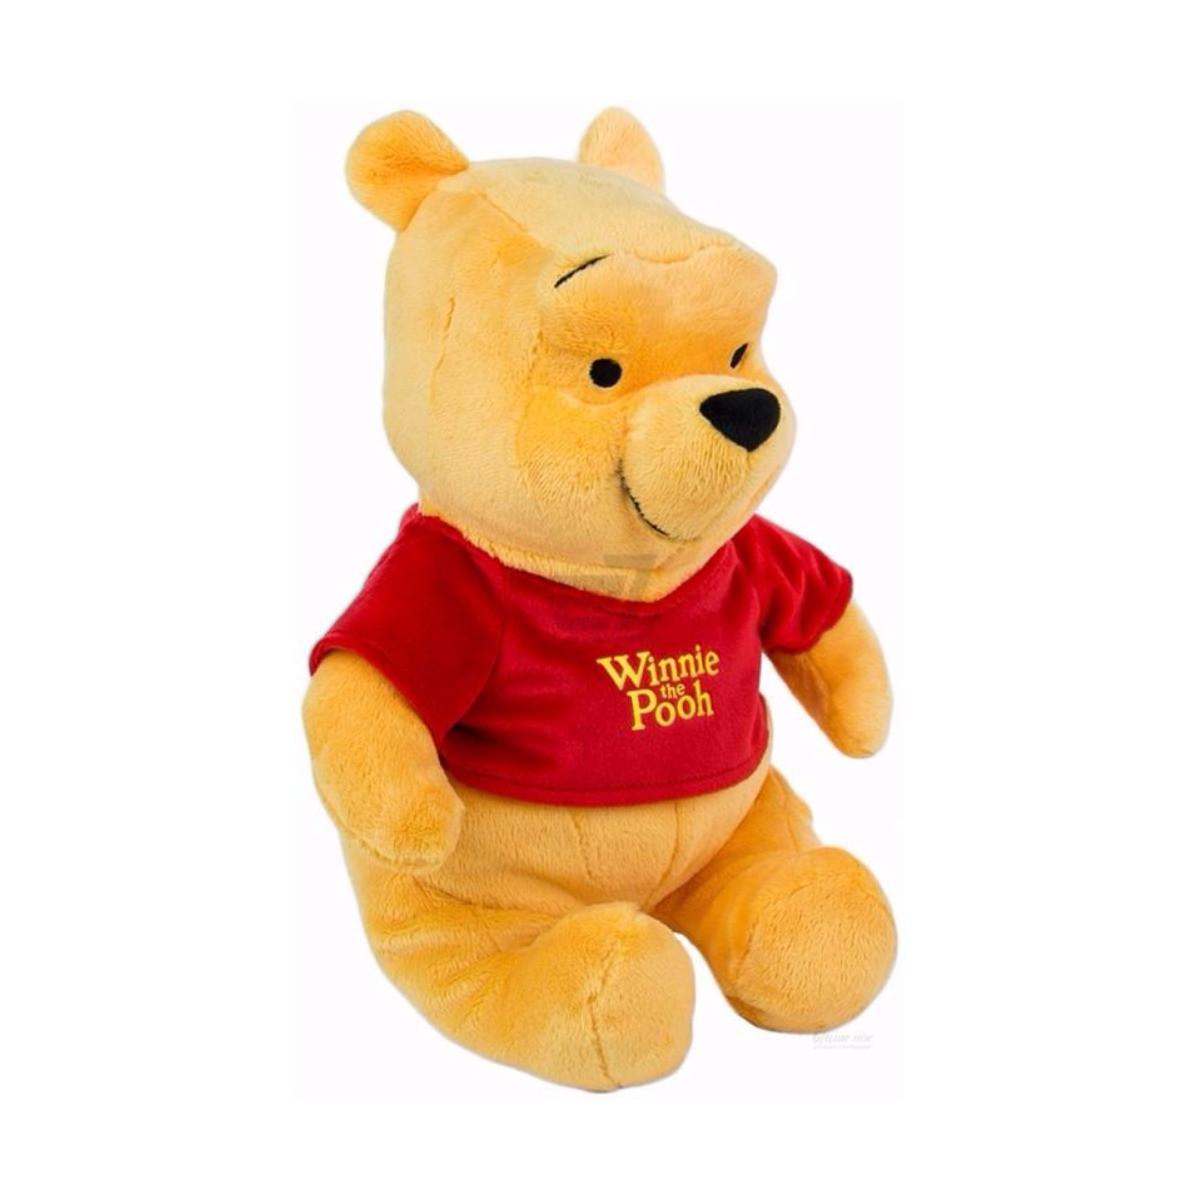 84eb99d8a75e Мягкая игрушка Винни Пух, 43 см, Disney (60364) - Платошка в Одессе